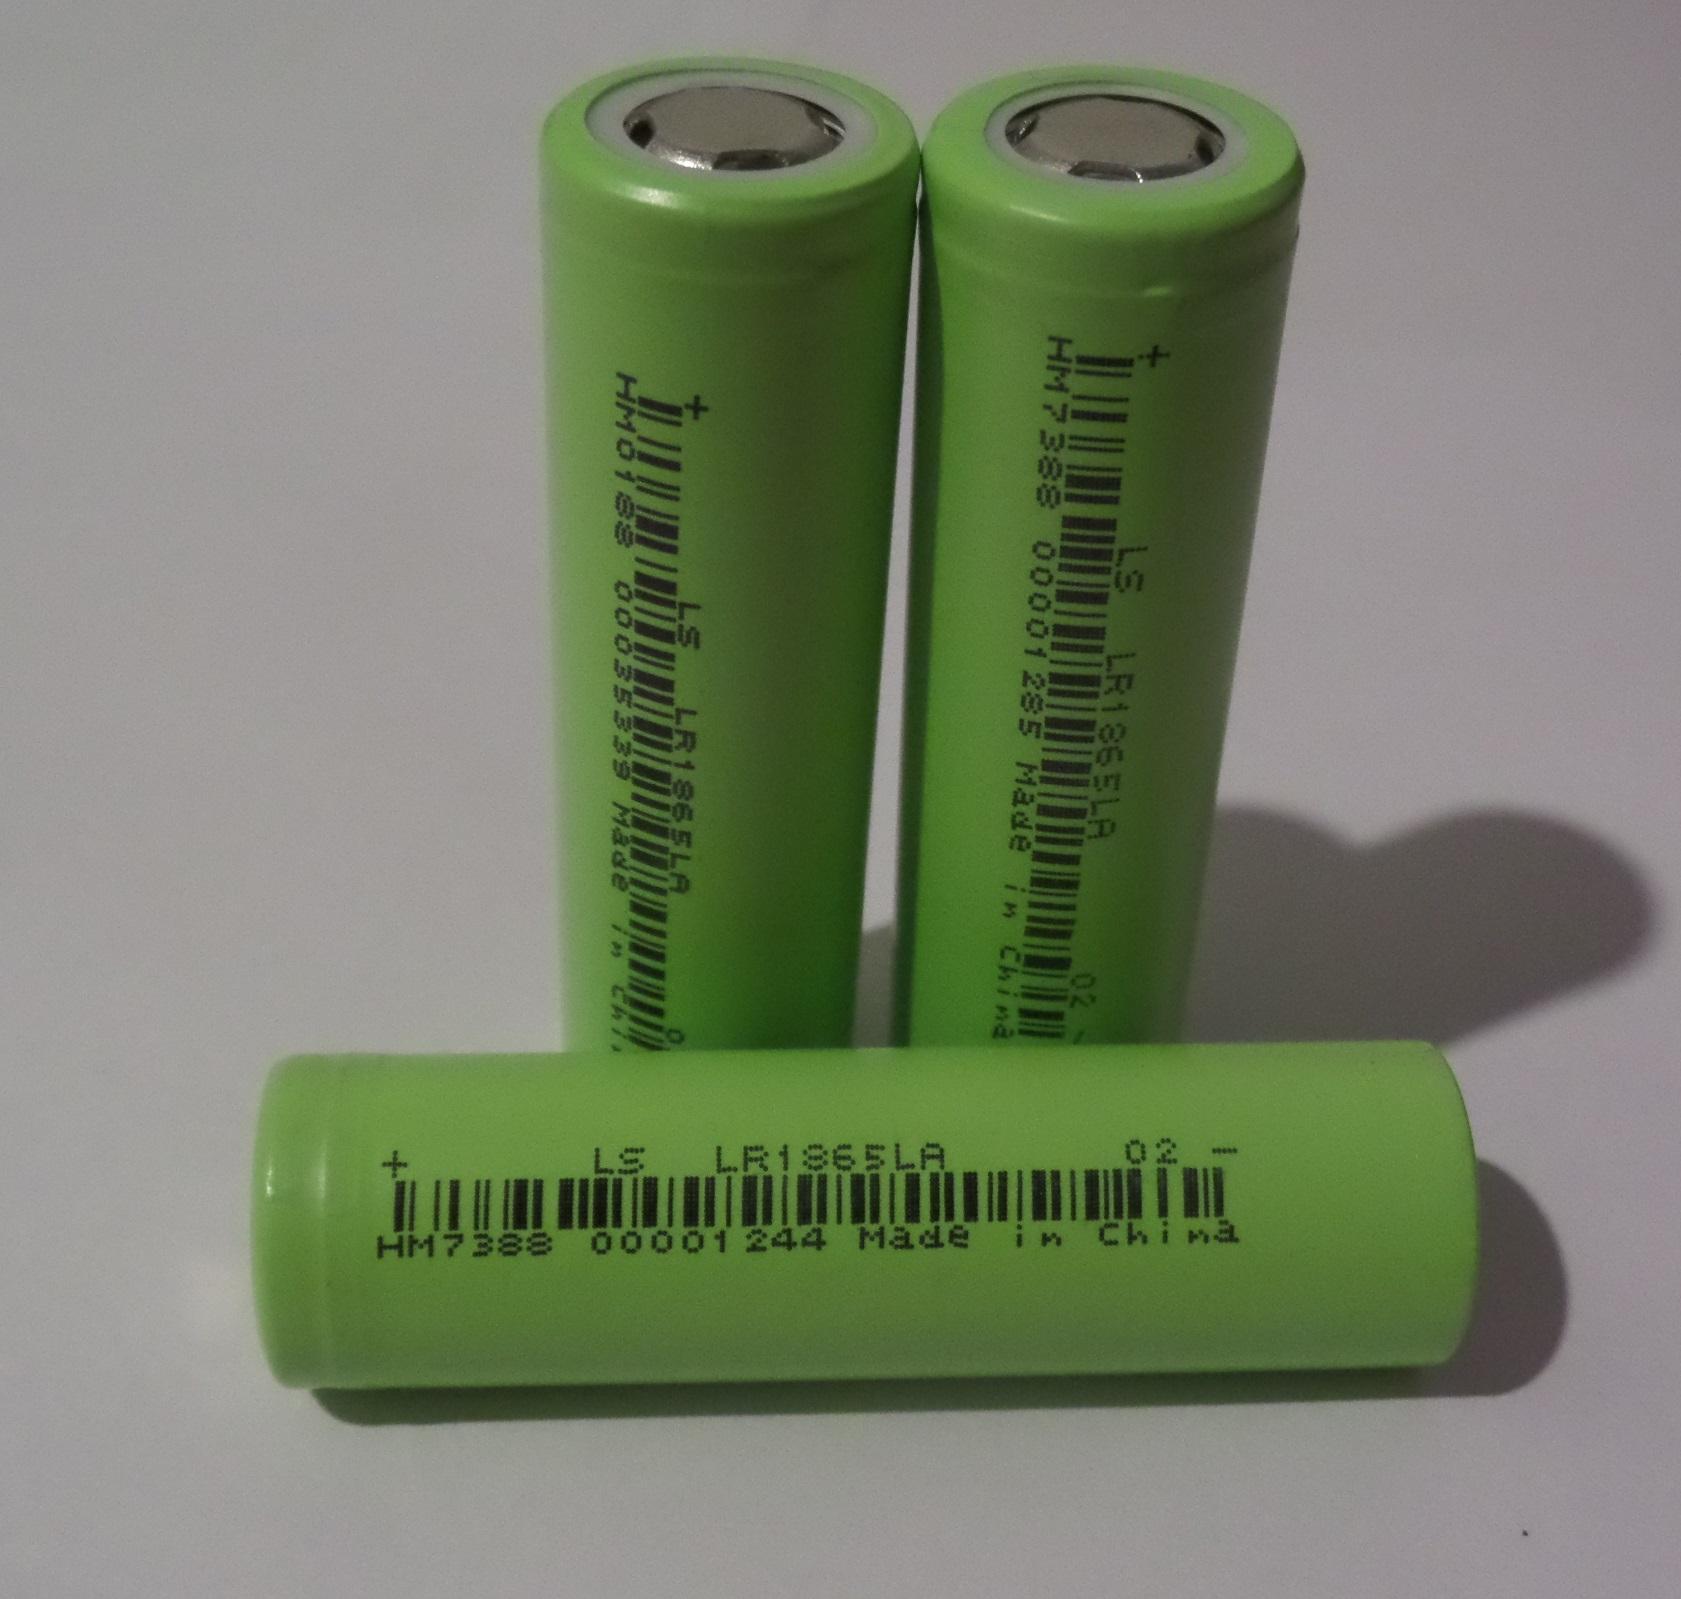 Hình ảnh COMBO 3 Cell Pin LiShen (LS) - Li-ion LR18650LA - Dung lượng 2000mAh - Dòng xả cao 20A - Chuyên dùng cho pin máy khoan và Dụng Cụ Cầm Tay